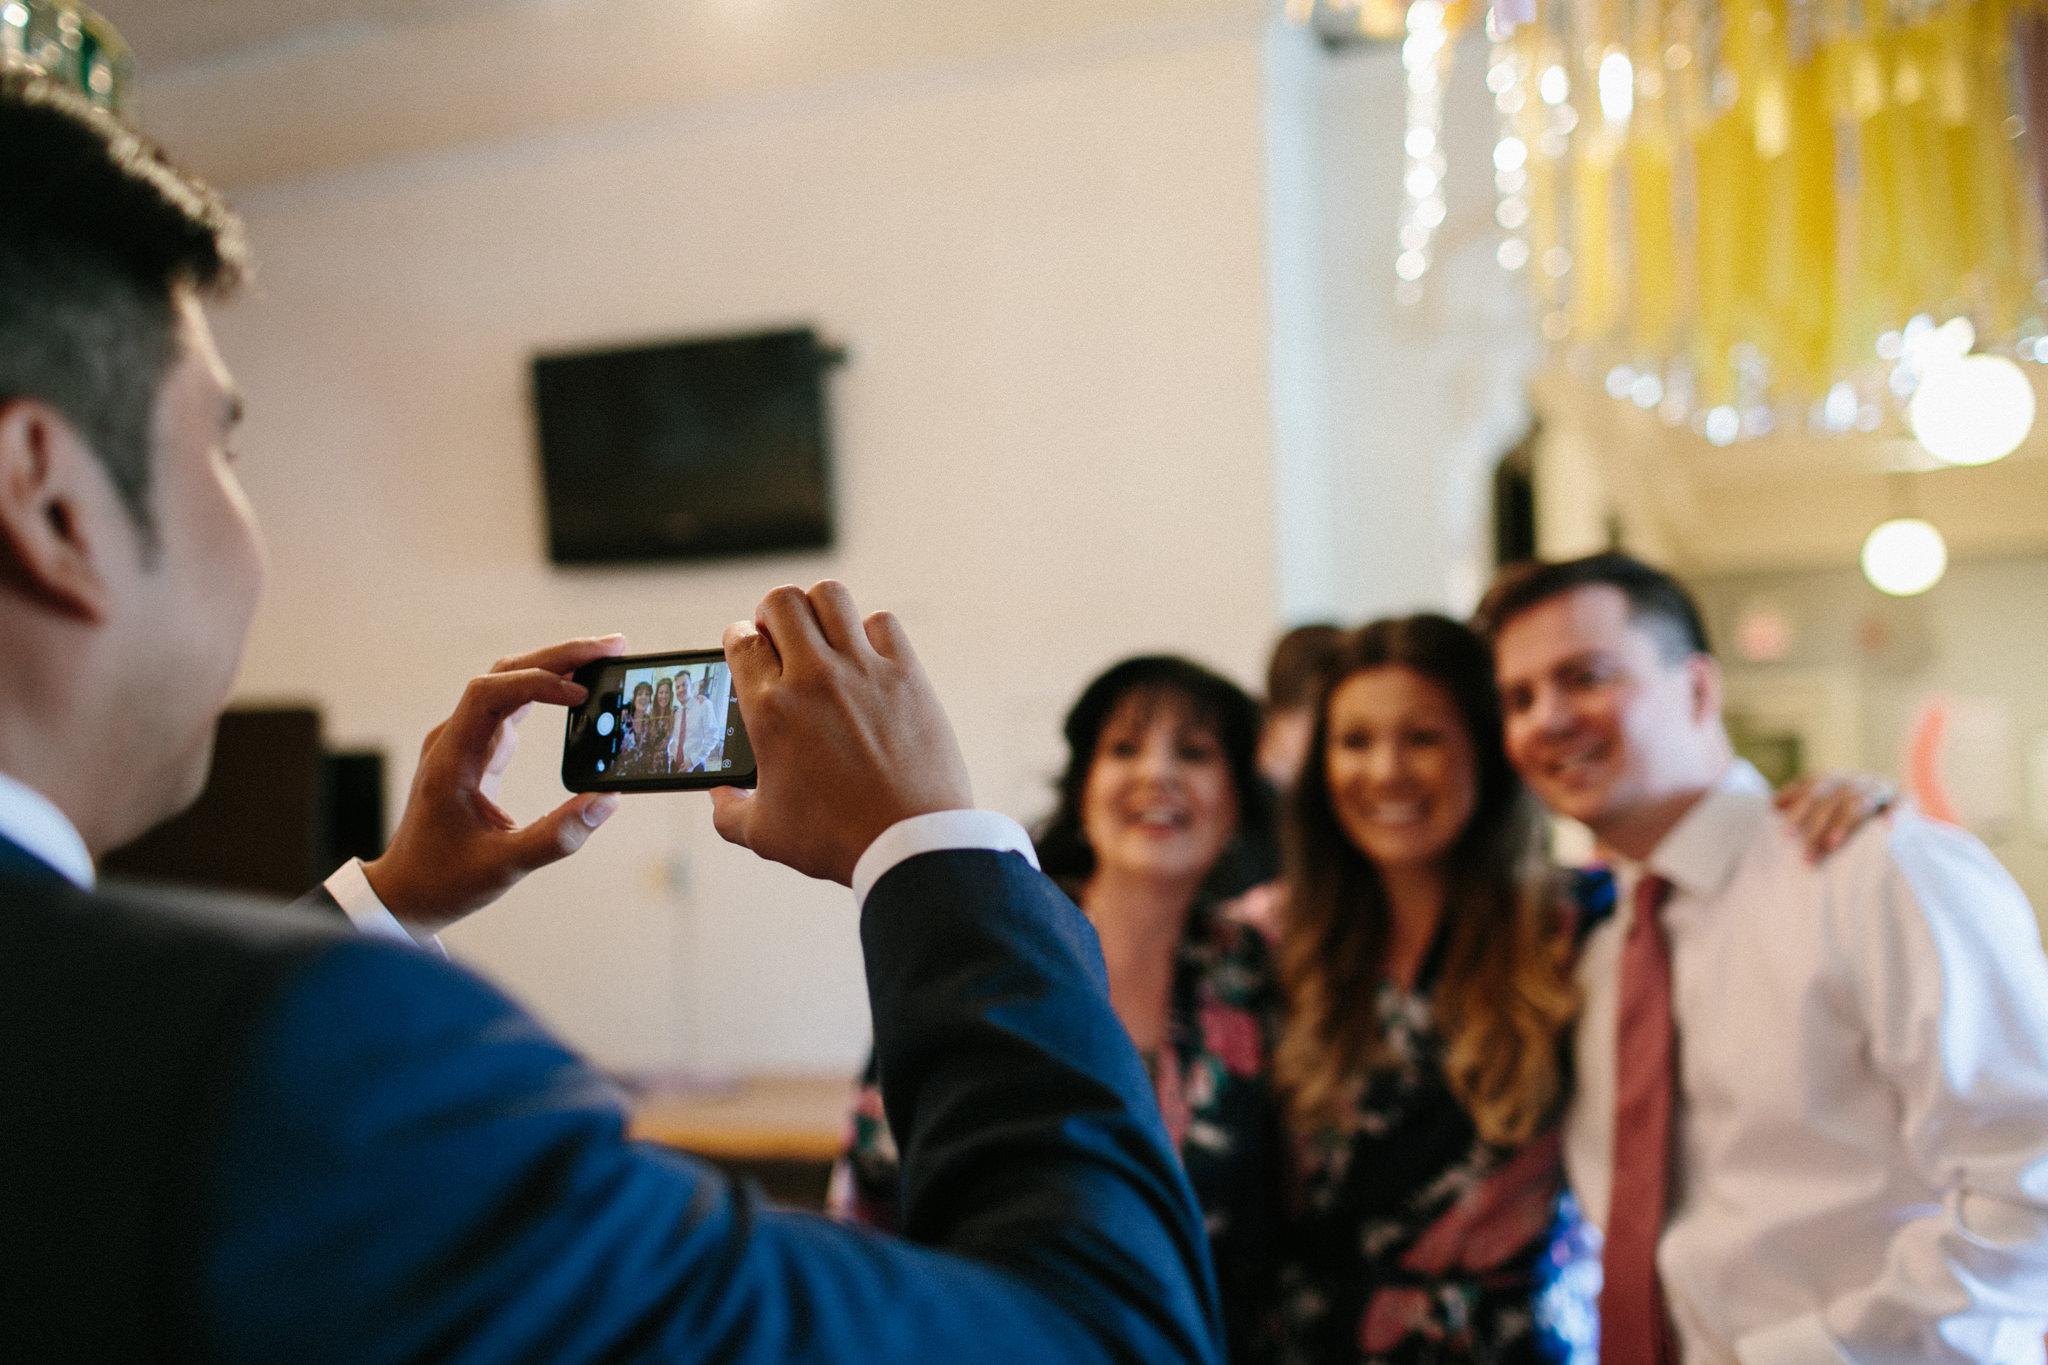 gladstone-hotel-wedding-toronto-15